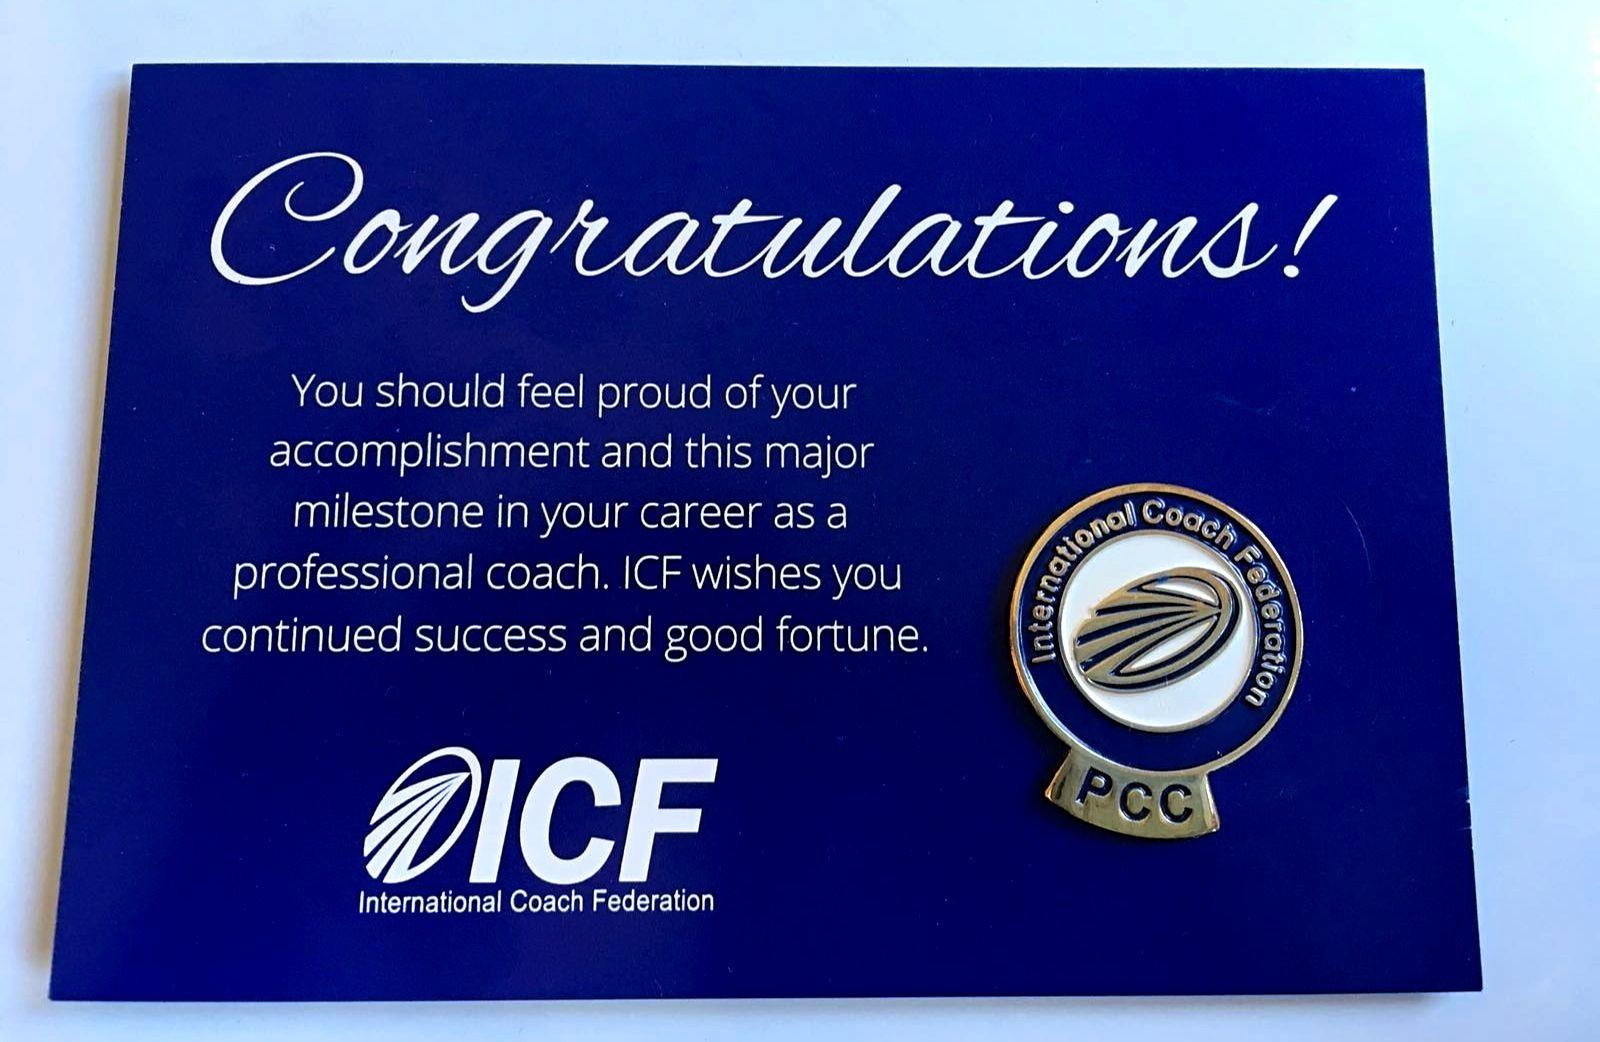 certificado pcc icf gct coaching